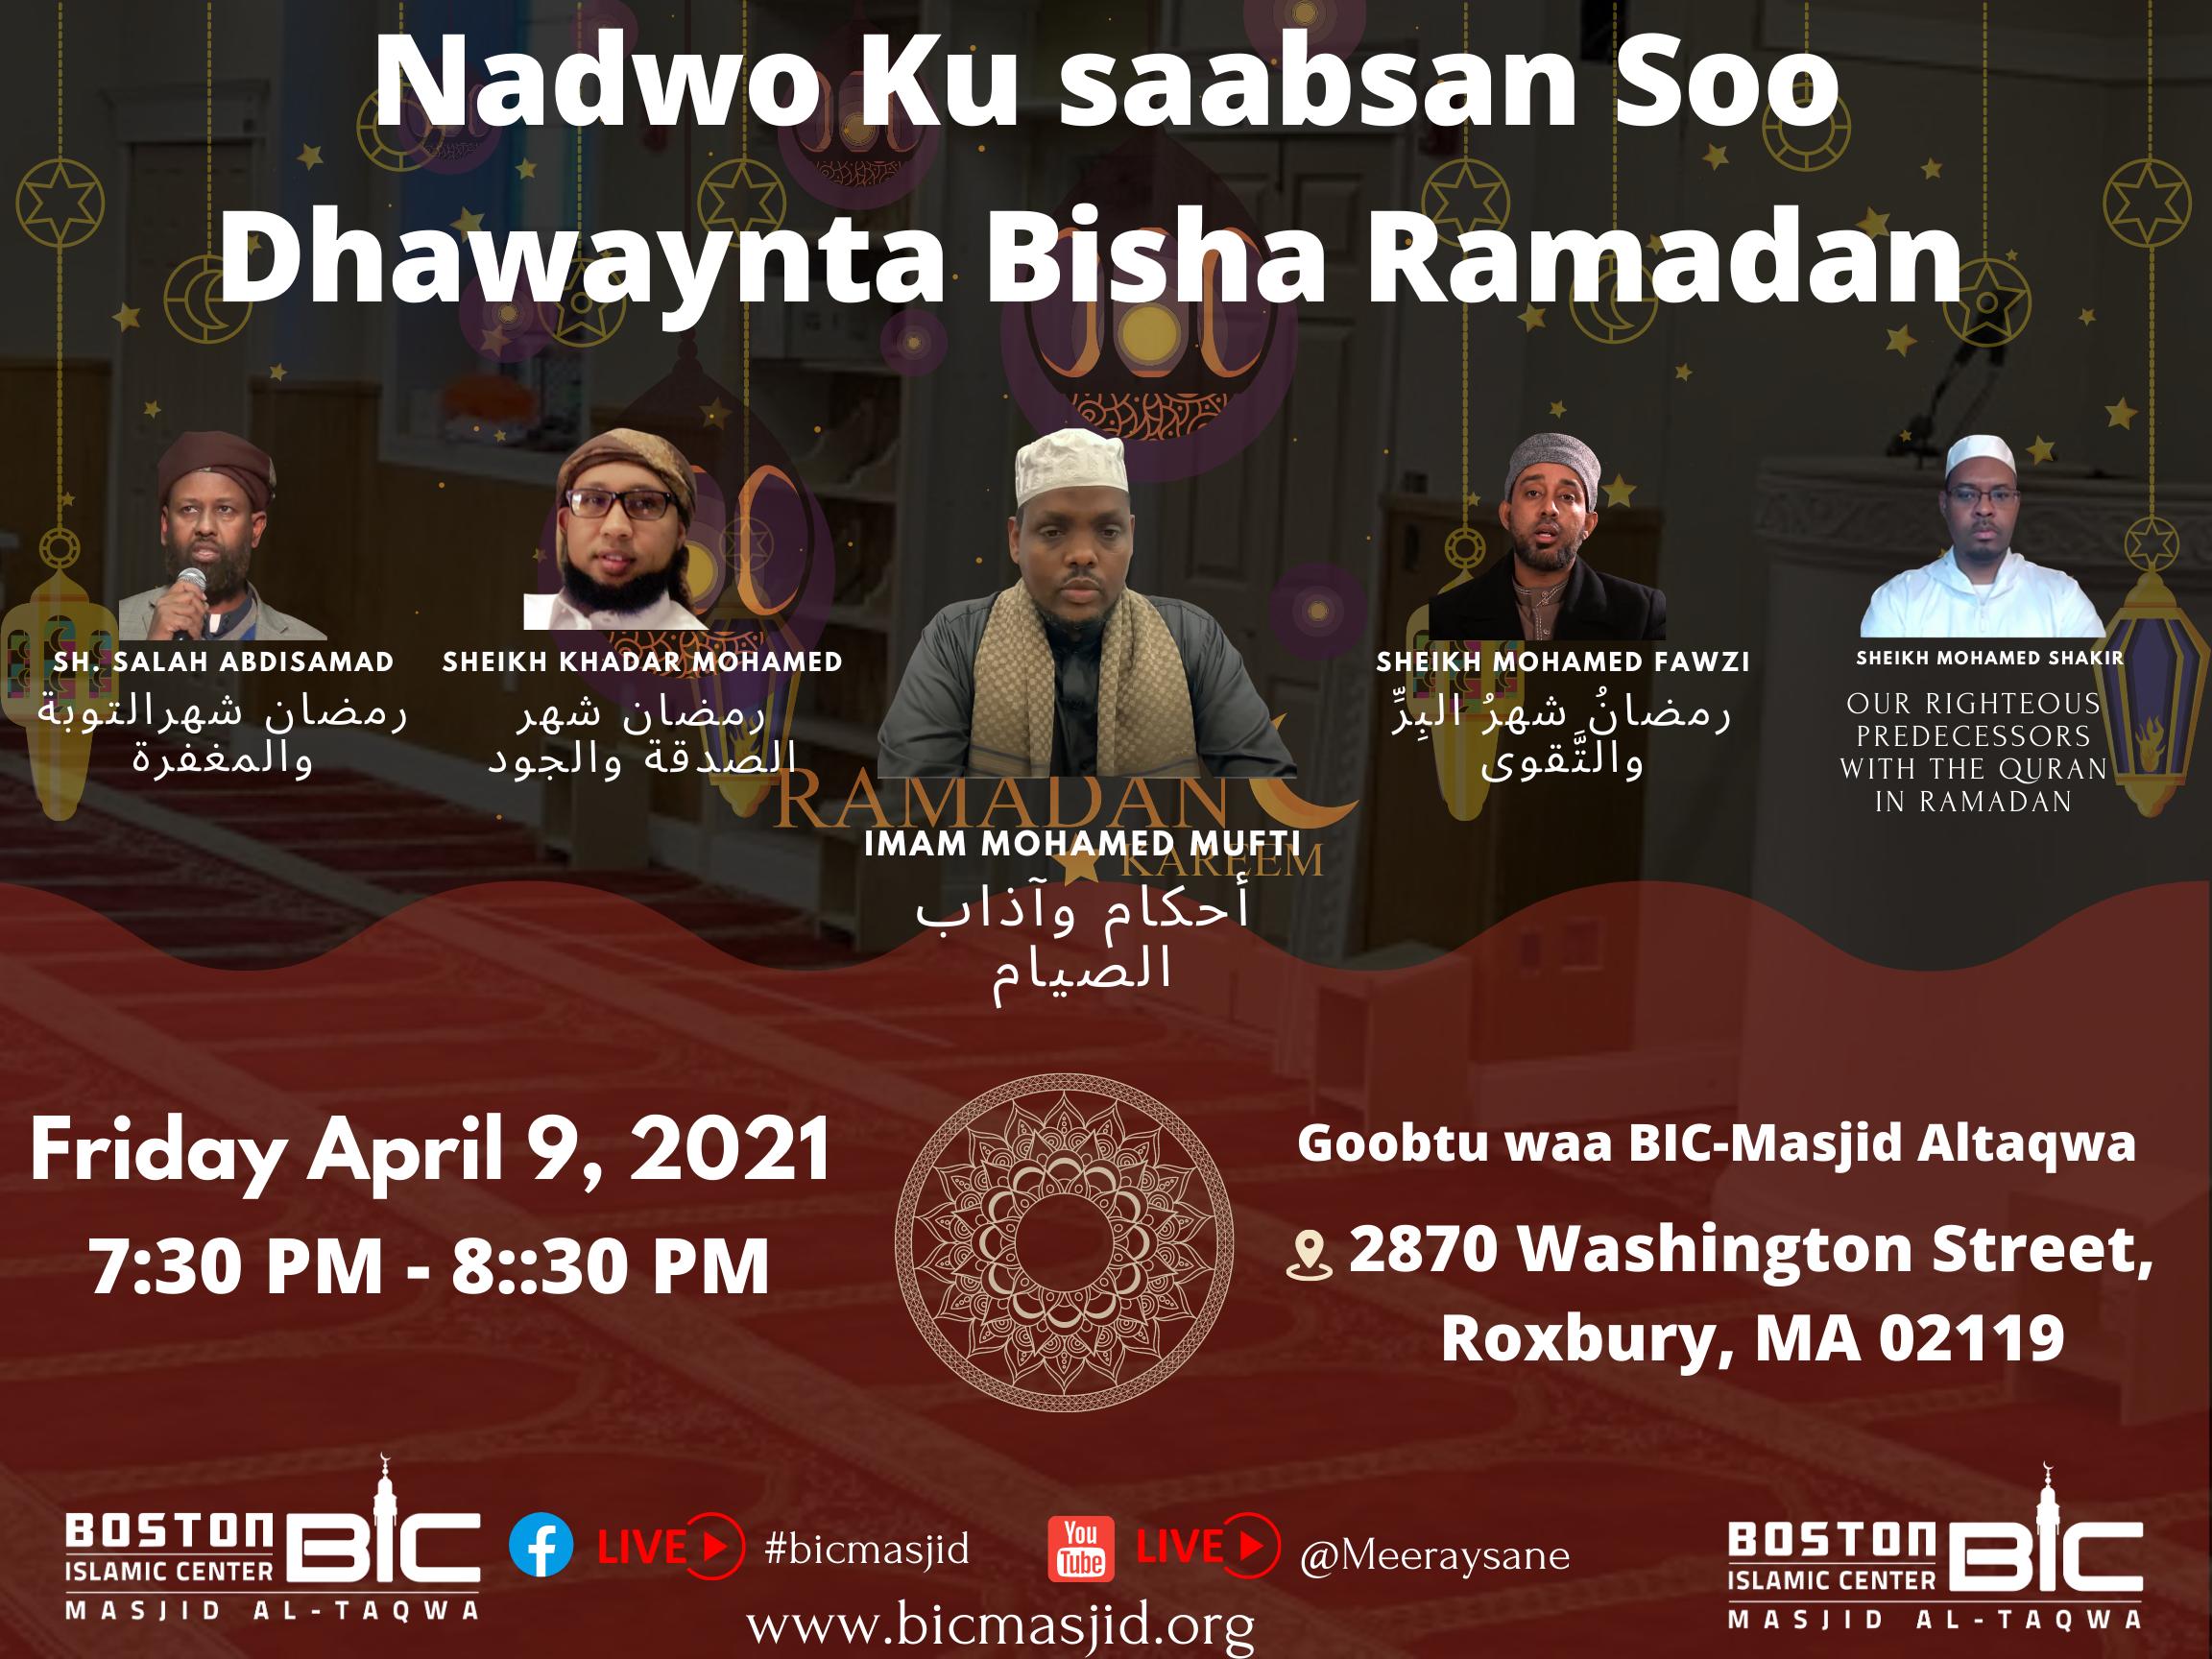 Nadwo ku saabsan soo dhawaynta Bisha Ramadan